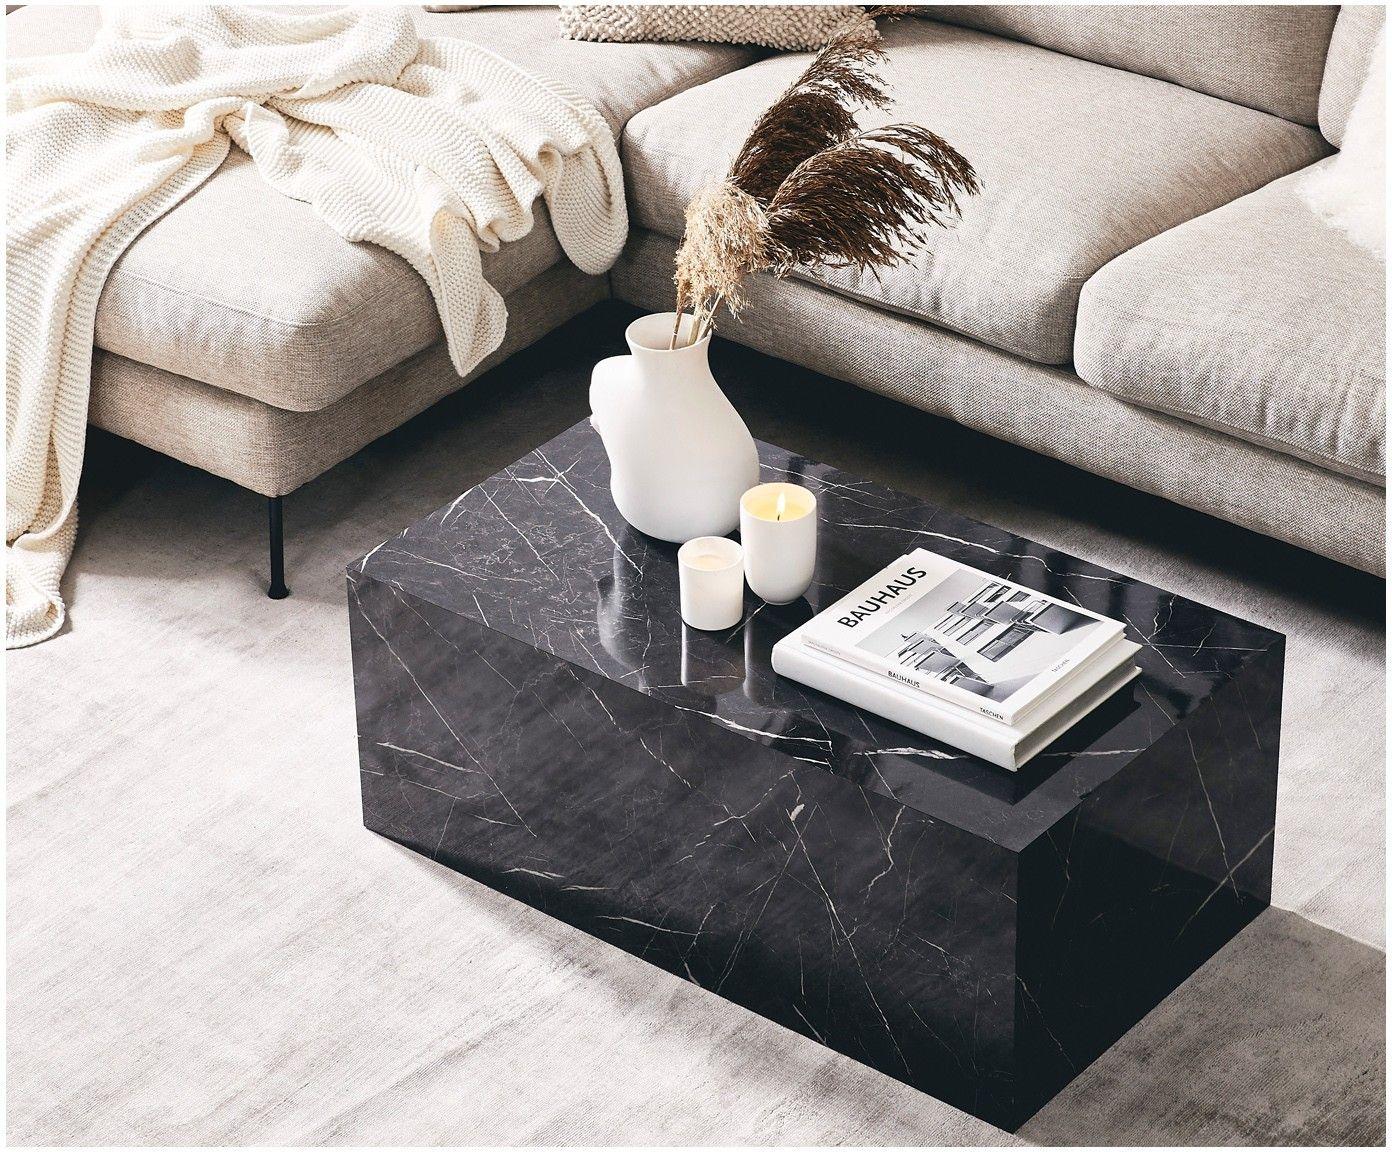 Der Marmor Couchtisch Einrichtungsideen Für Deinen Wohnraum Life Und Style Blog Aus Österreich Couchtisch Marmor Couchtisch Marmortisch